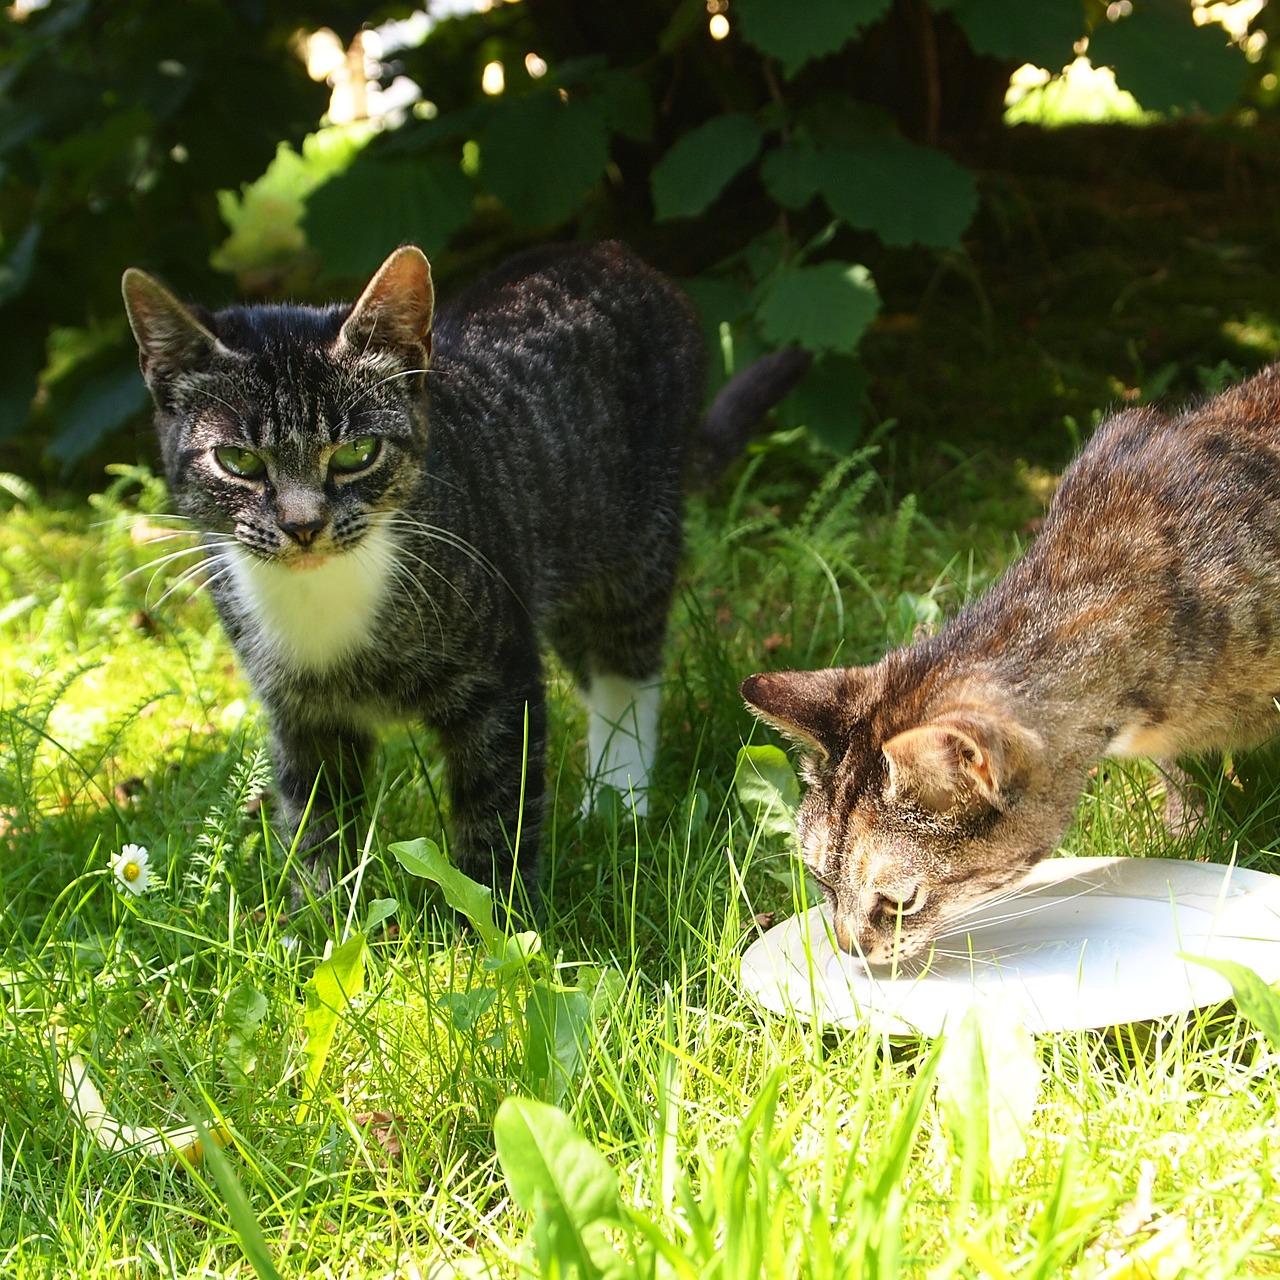 Mléko pro kočky není úplně vhodné